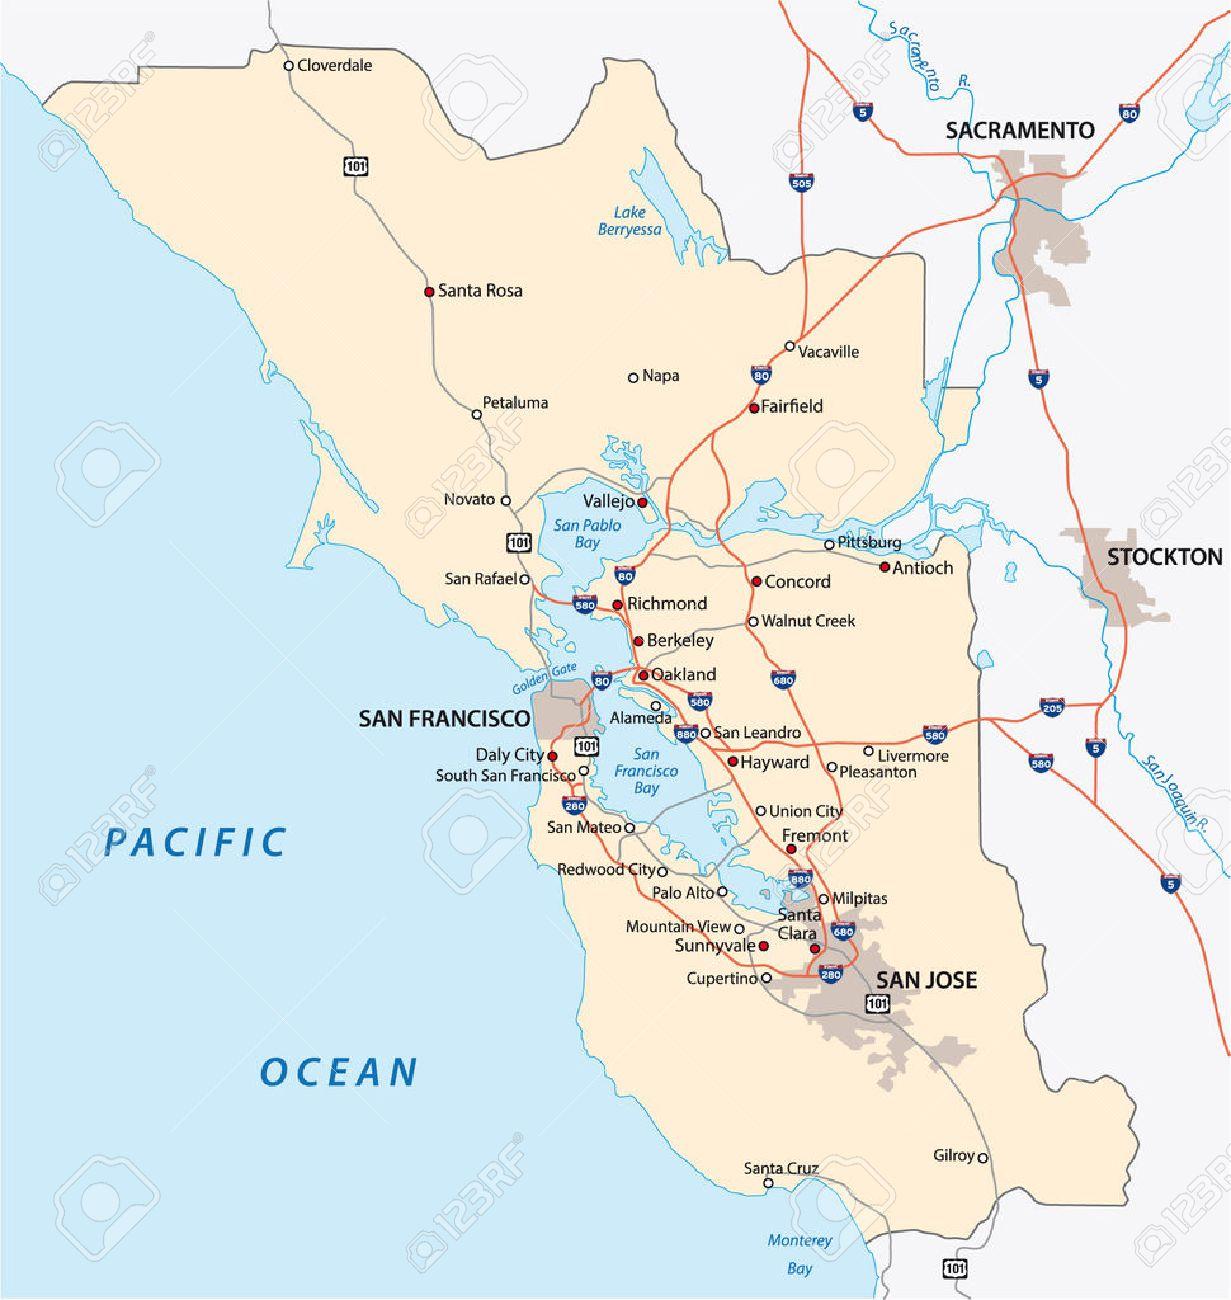 Mapa De San Francisco.San Francisco Mapa Area De La Bahia